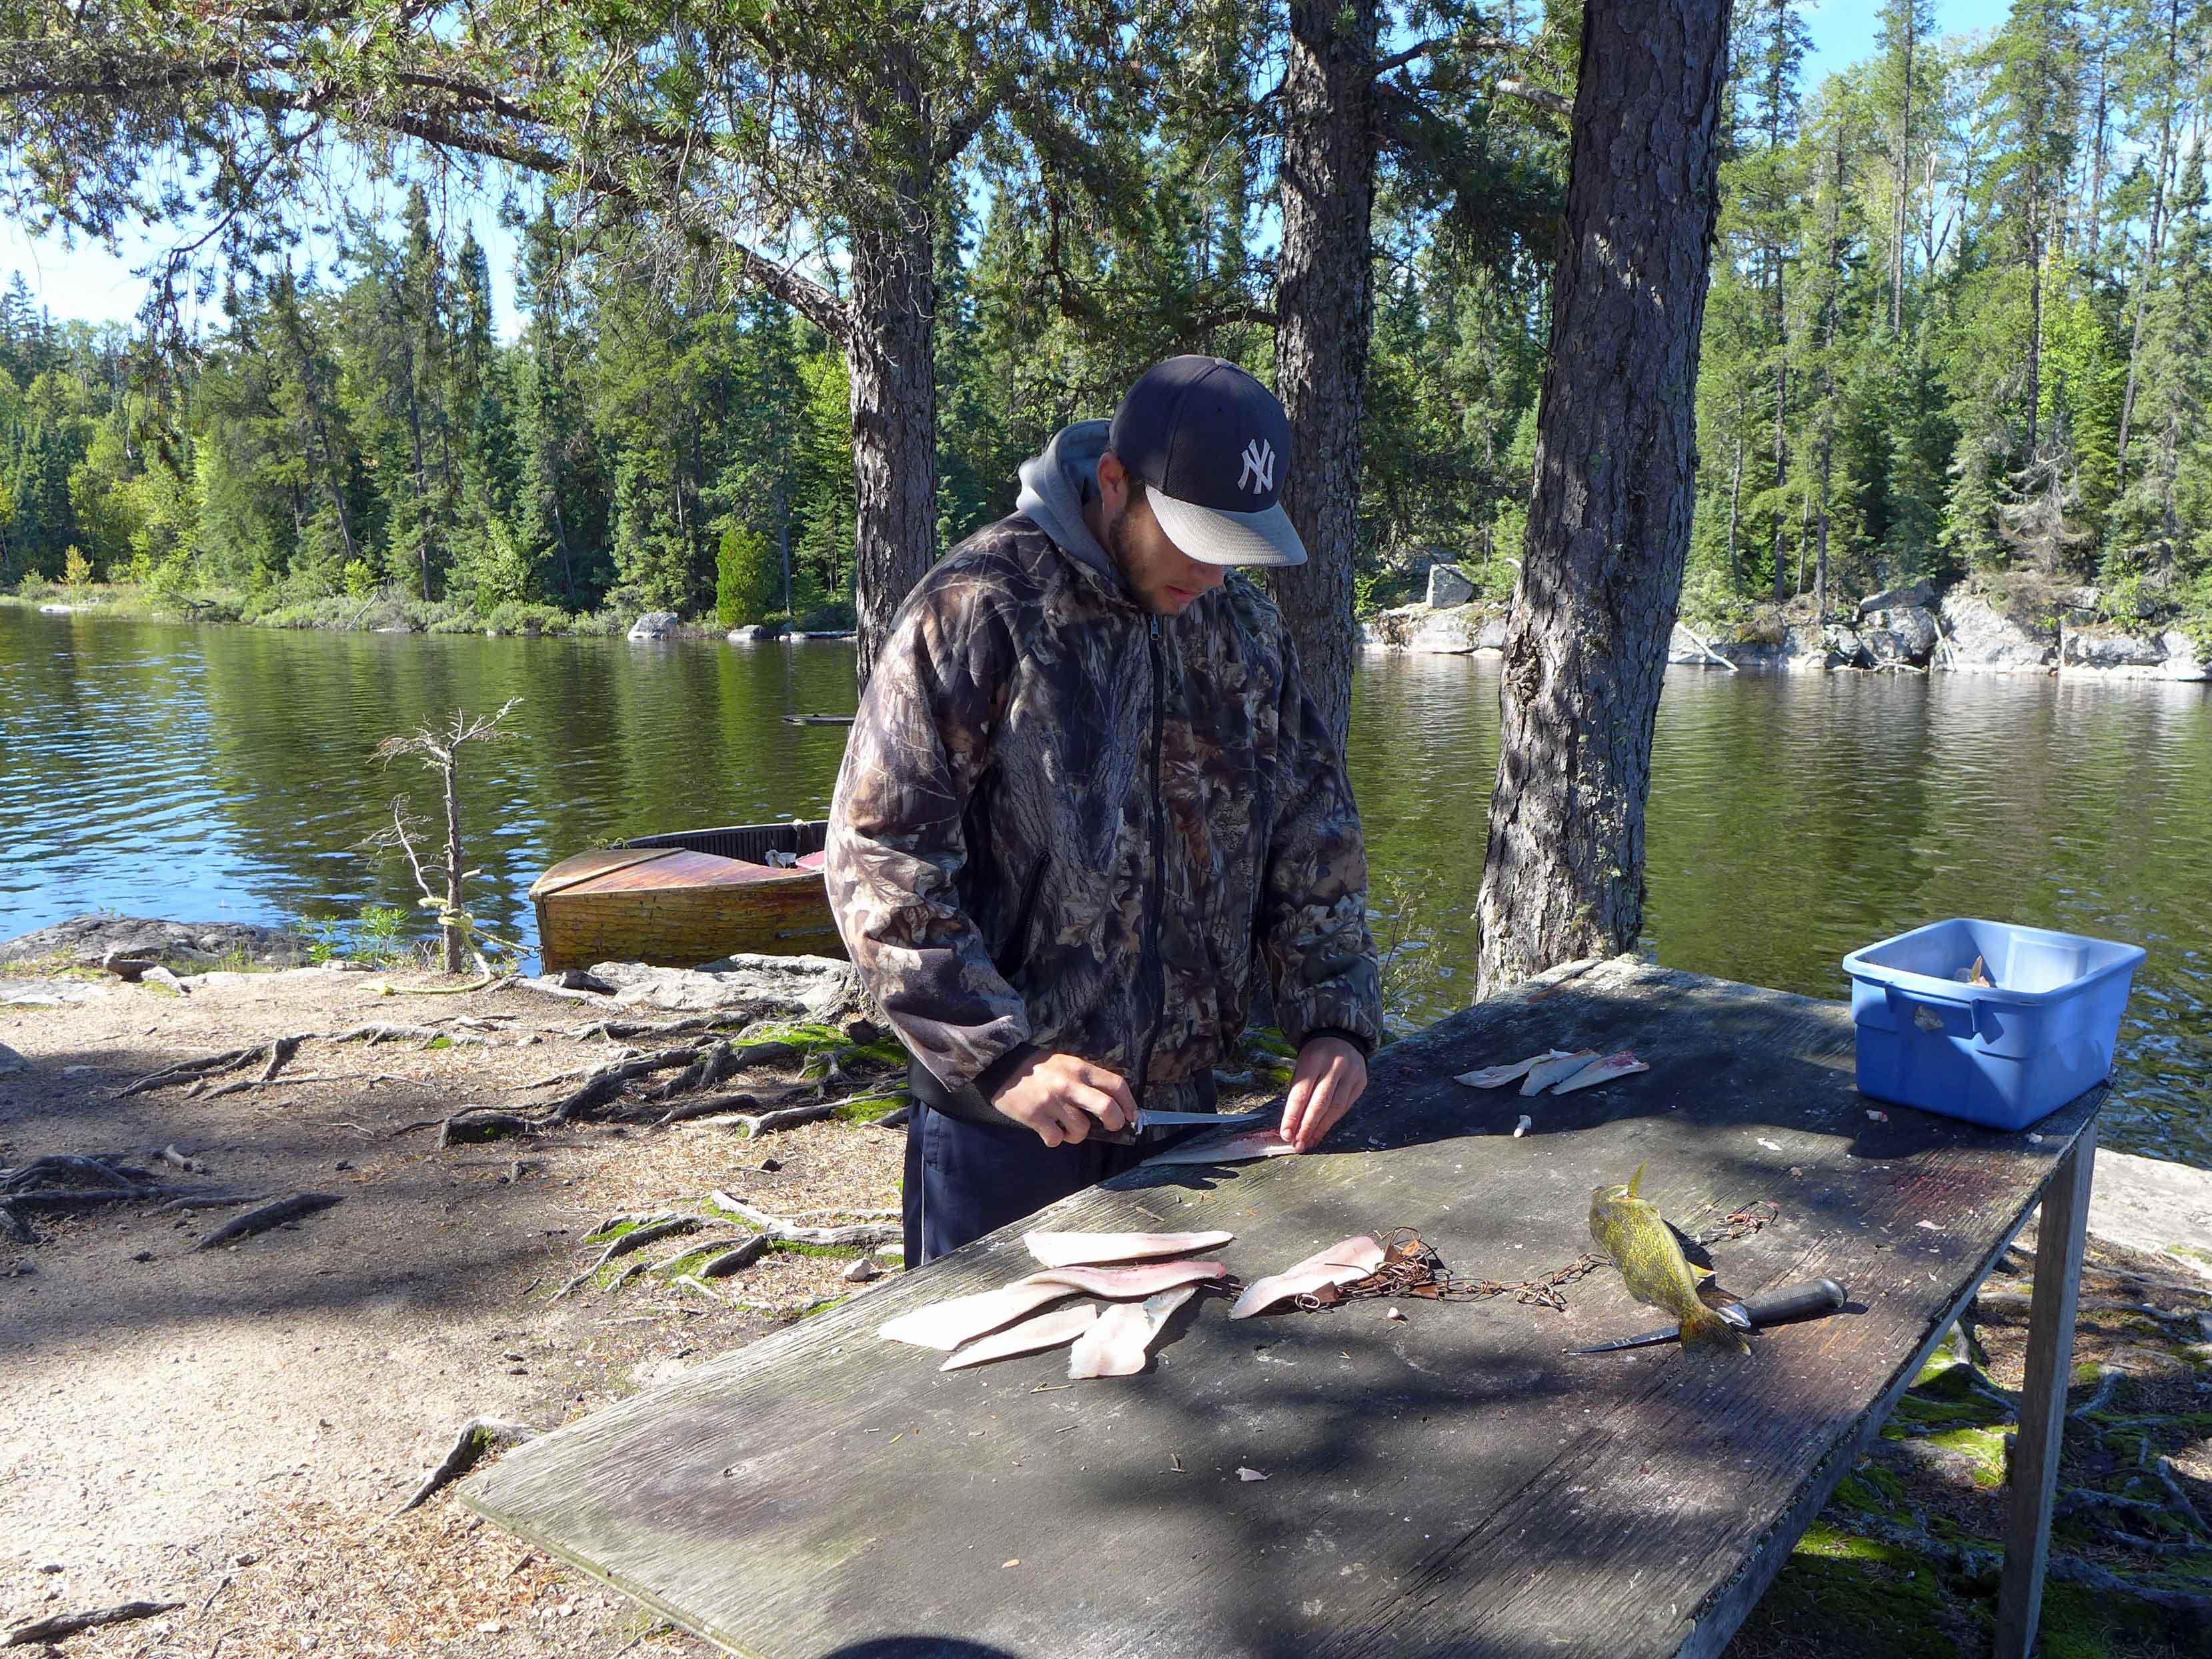 Mann filetiert Fische